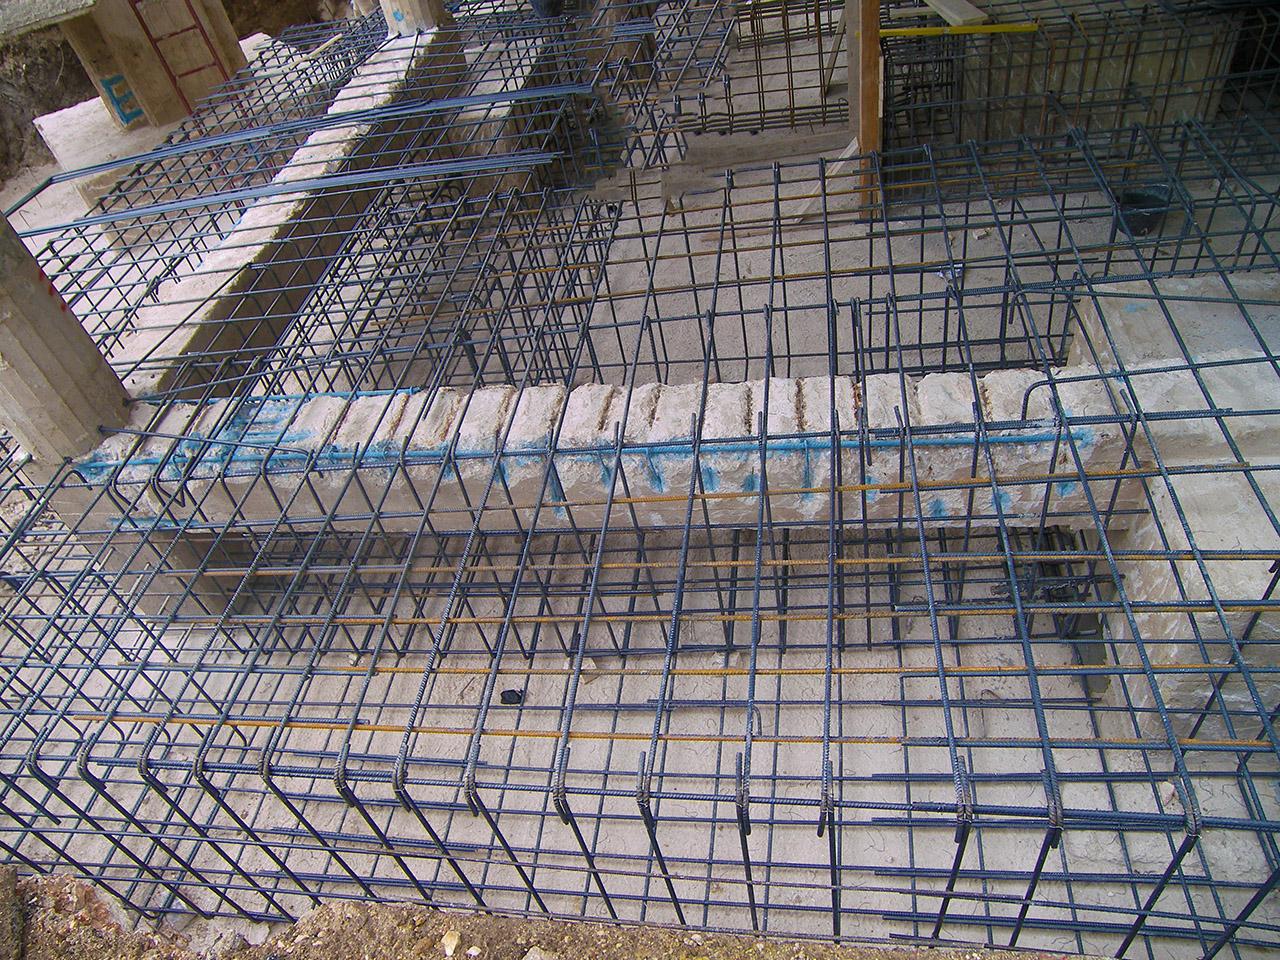 costruzioni restauri sirio ostuni consolidamento strutturale fondazioni suglia passeri rutigliano 1